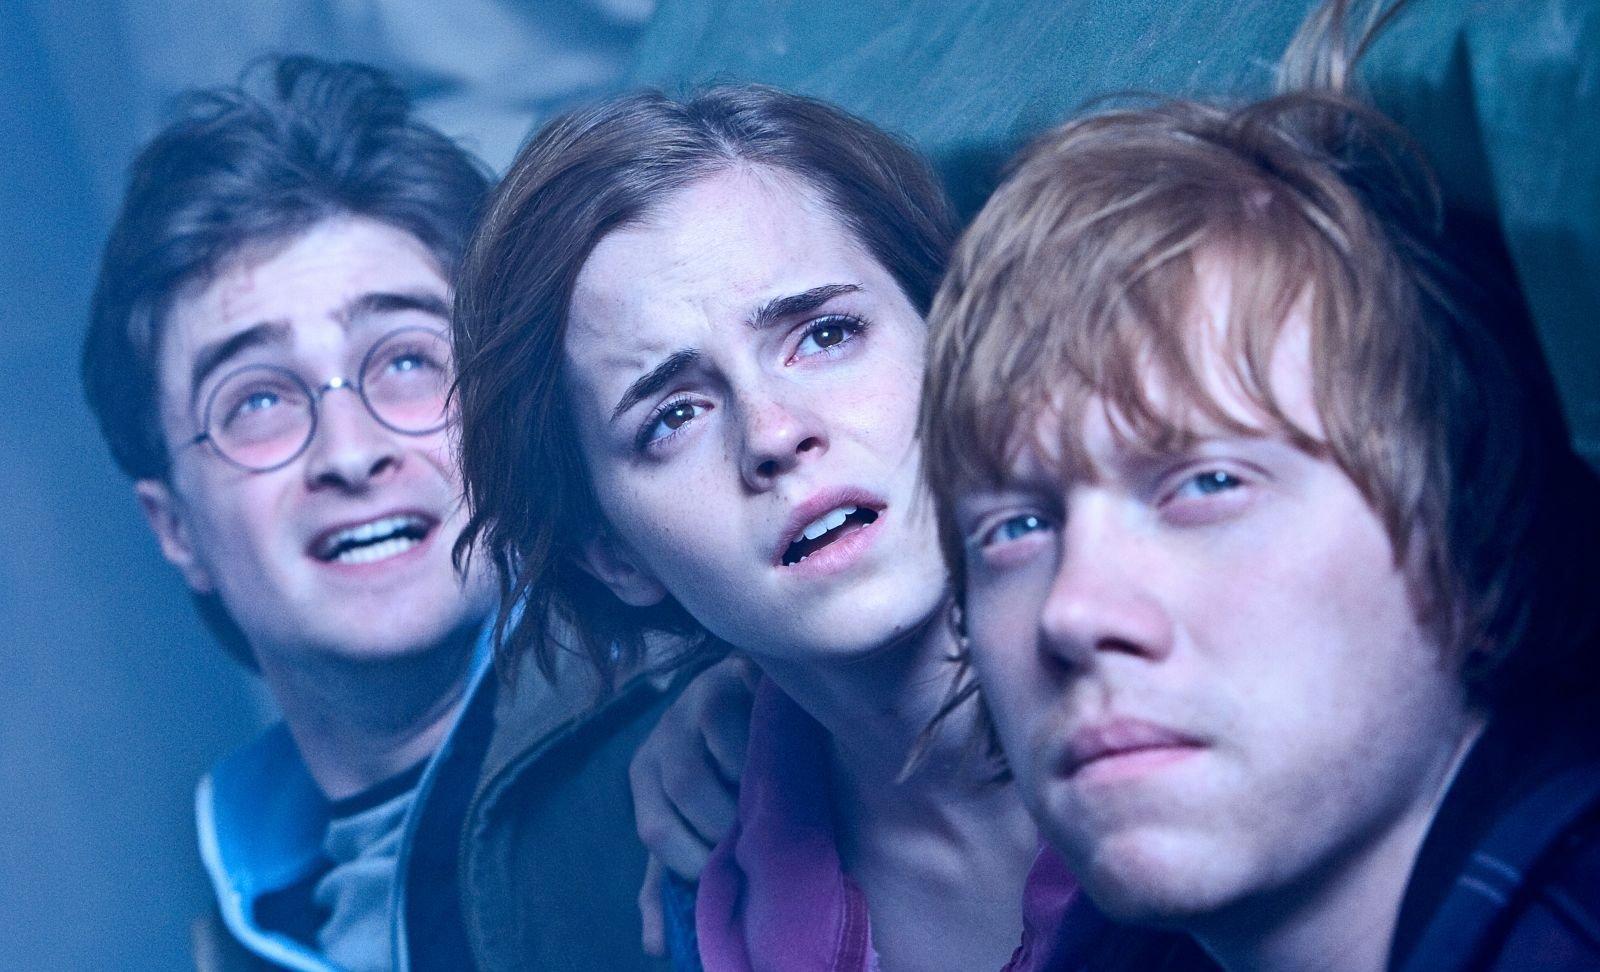 根據 8 部《哈利波特》電影票房來看哪部最受歡迎,網友驚訝:票房最低的才是經典! – 我們用電影寫日記